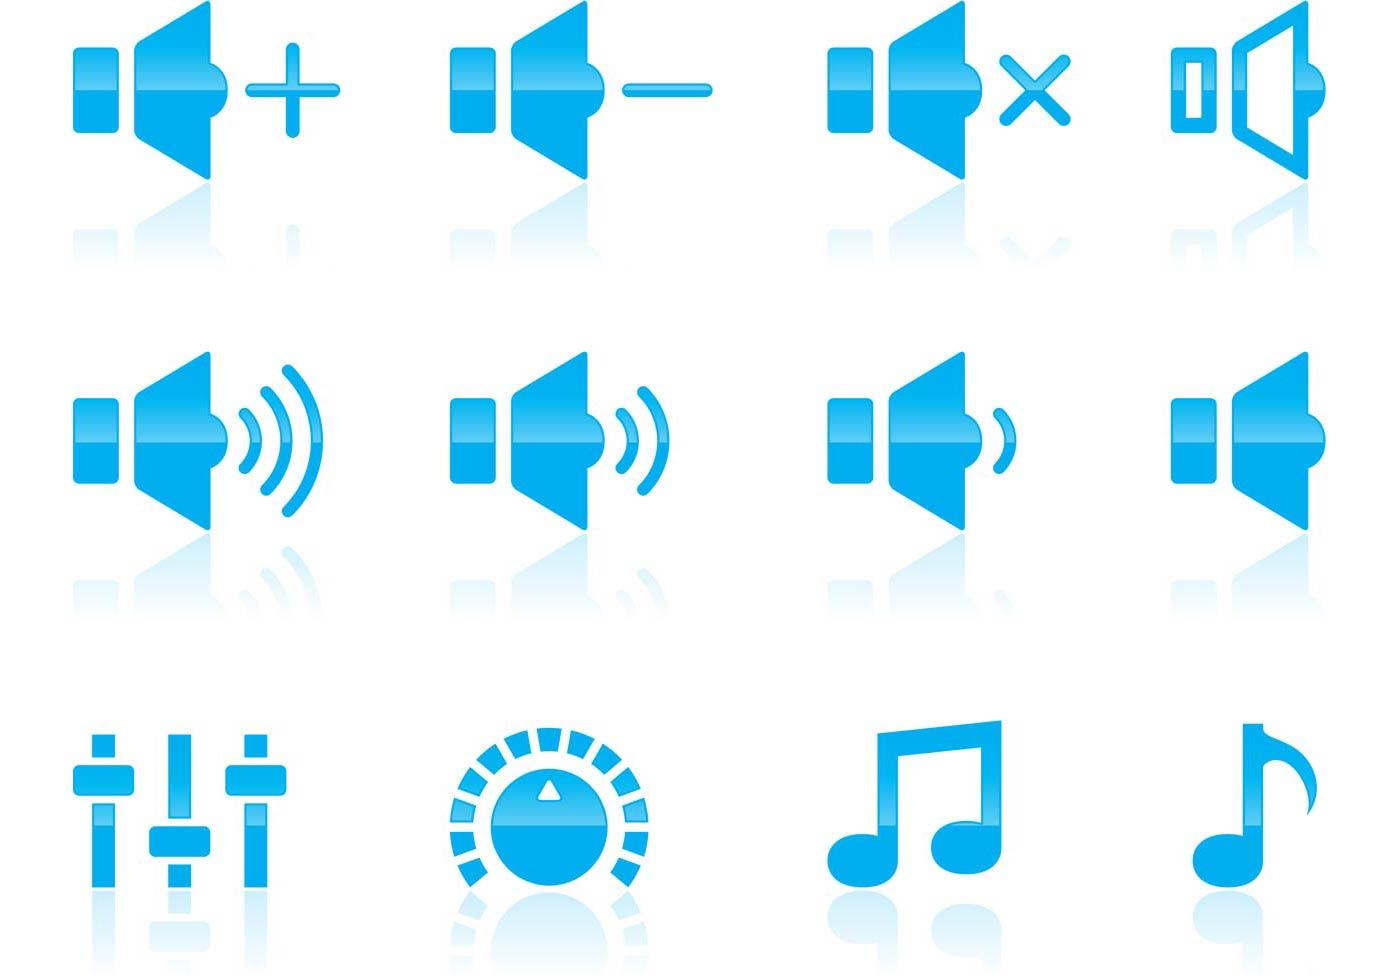 1400x980 Volume And Audio Icons